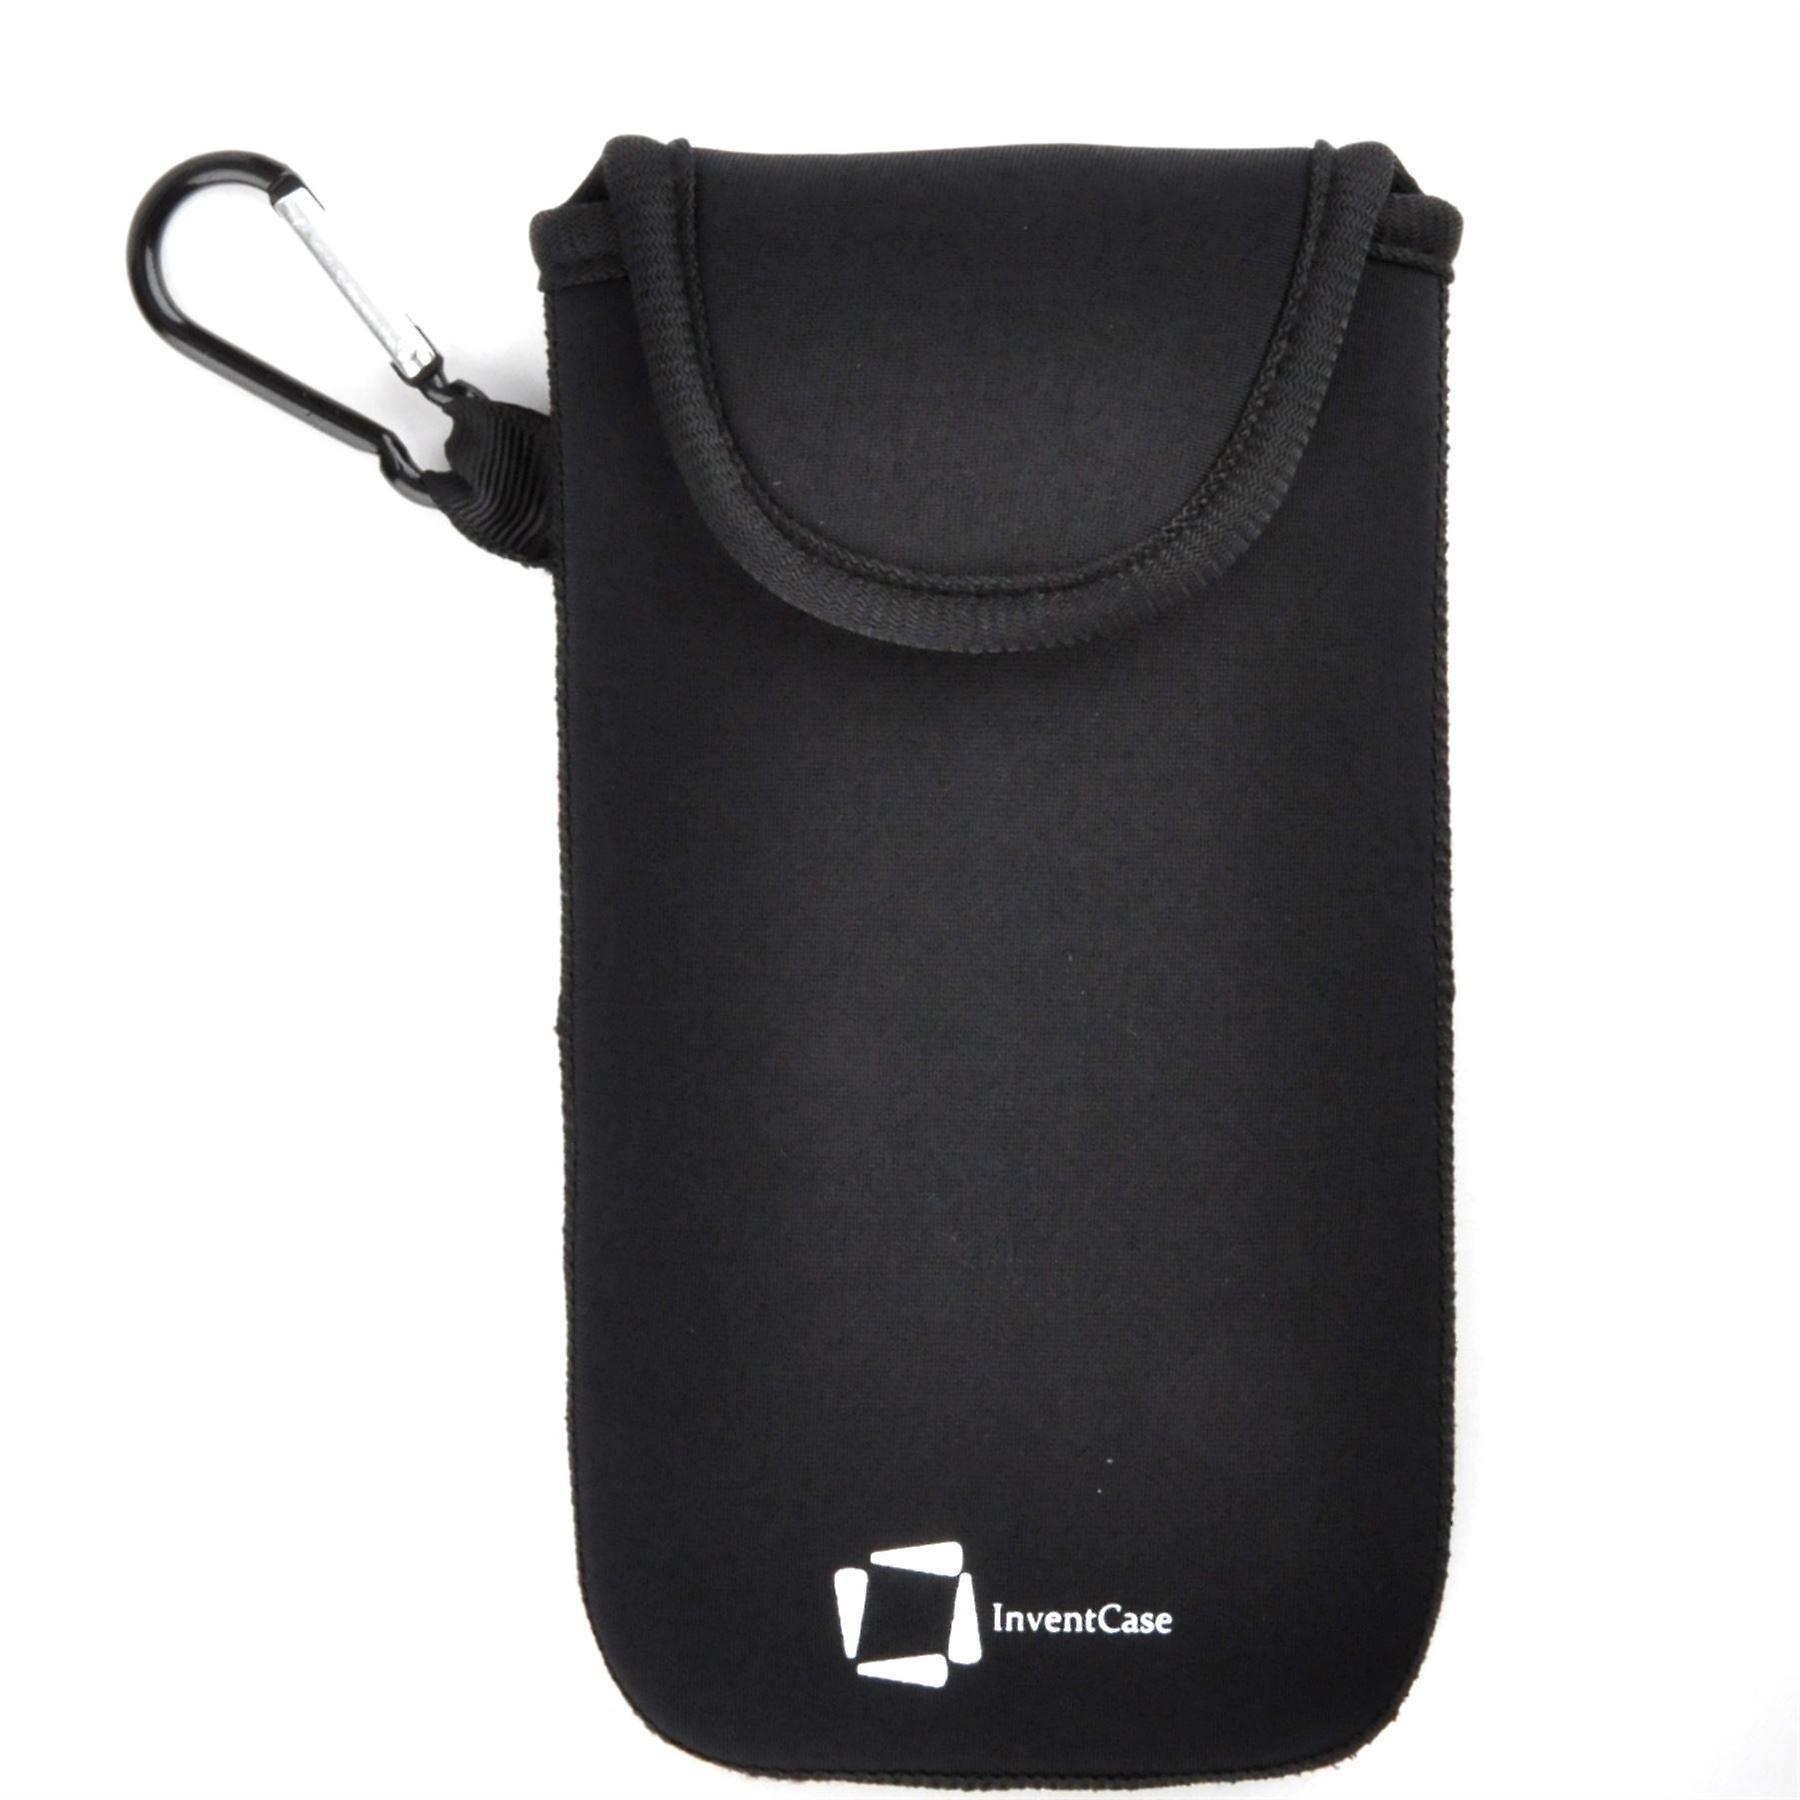 كيس تغطية القضية الحقيبة واقية مقاومة لتأثير النيوبرين إينفينتكاسي مع إغلاق Velcro و Carabiner الألومنيوم للاتجاه سامسونج جالاكسى بلس--الأسود